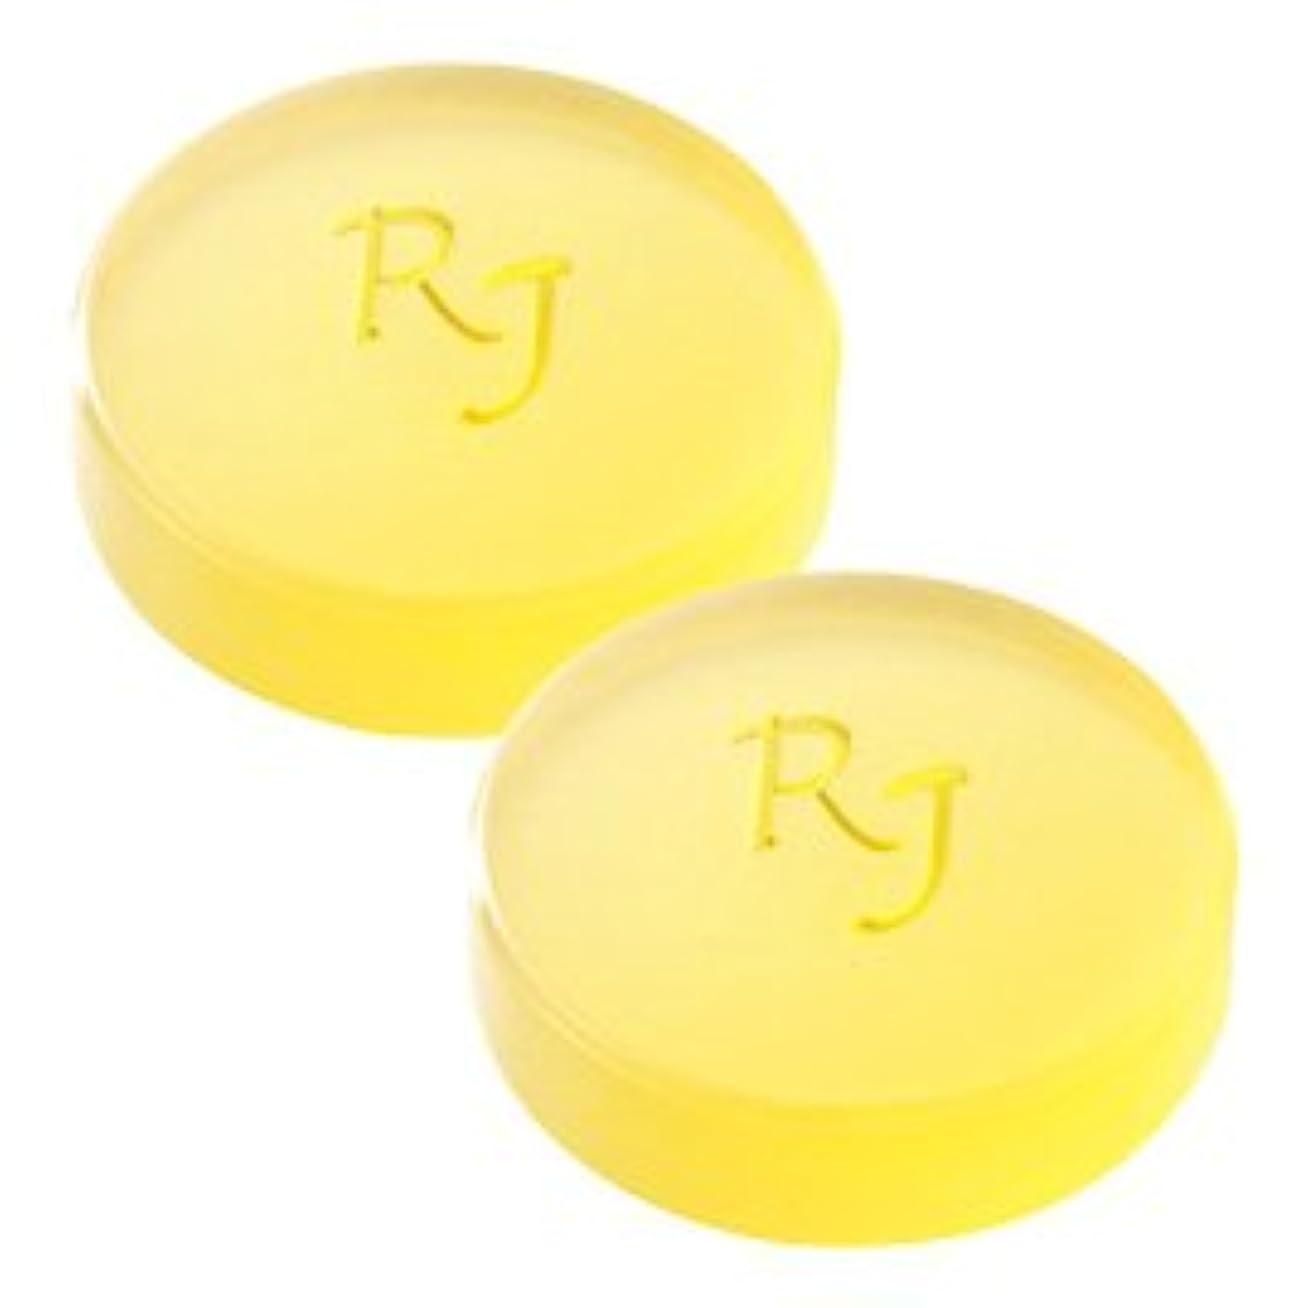 困惑する刈るすりRJスキンケアソープ(洗顔石鹸) 60g×2個 / RJ Skin Care Soap <60g×2>